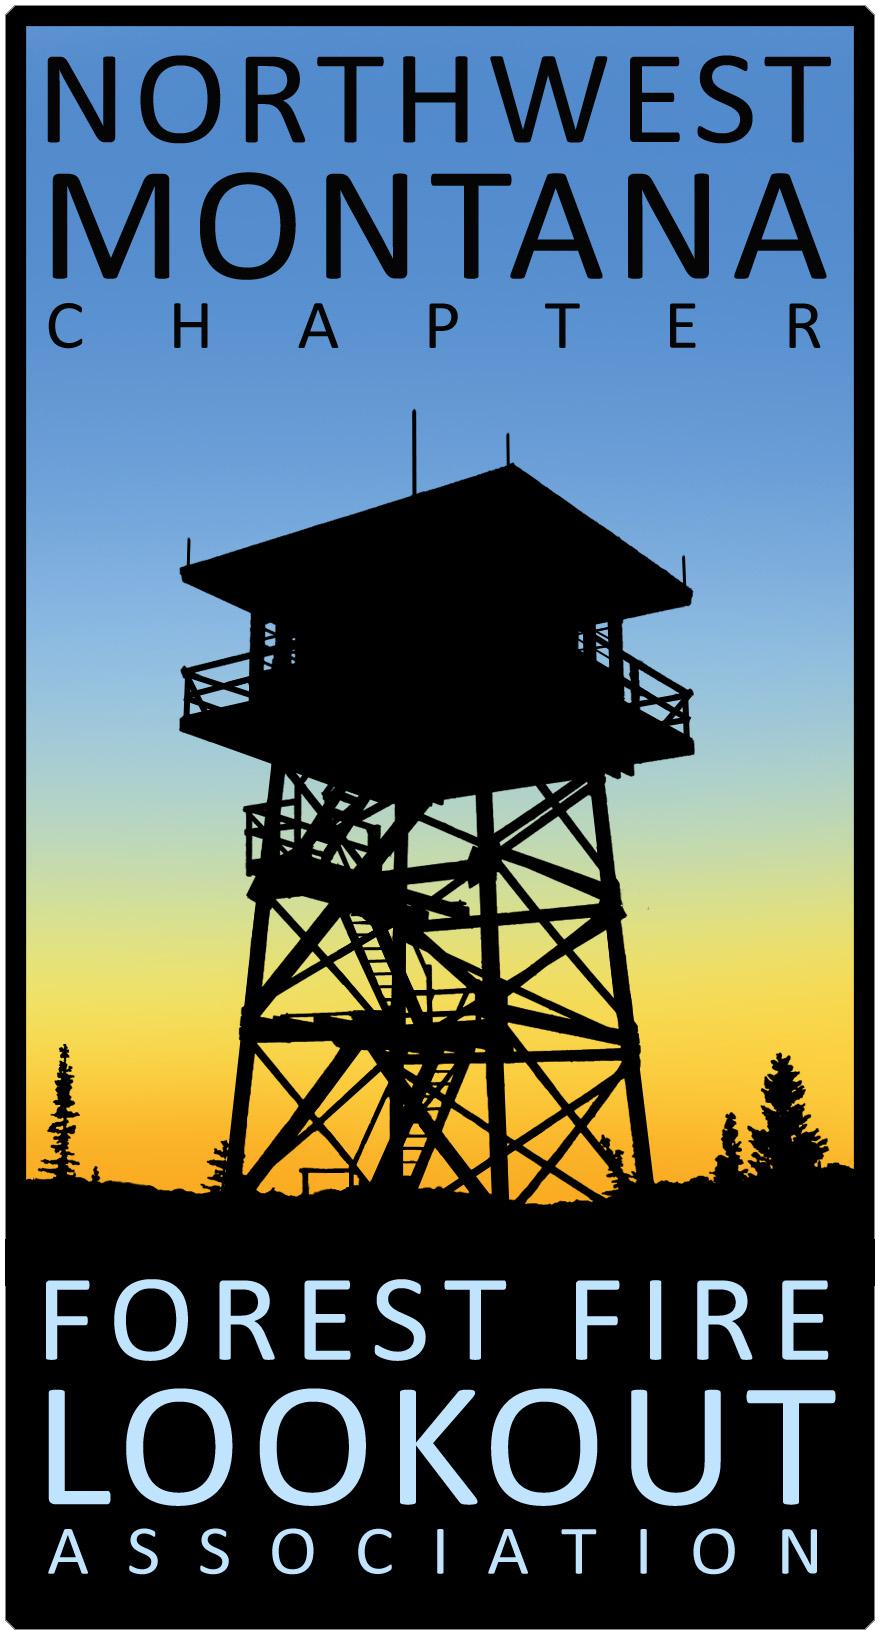 NW MT Lookouts Logo Blue.jpg